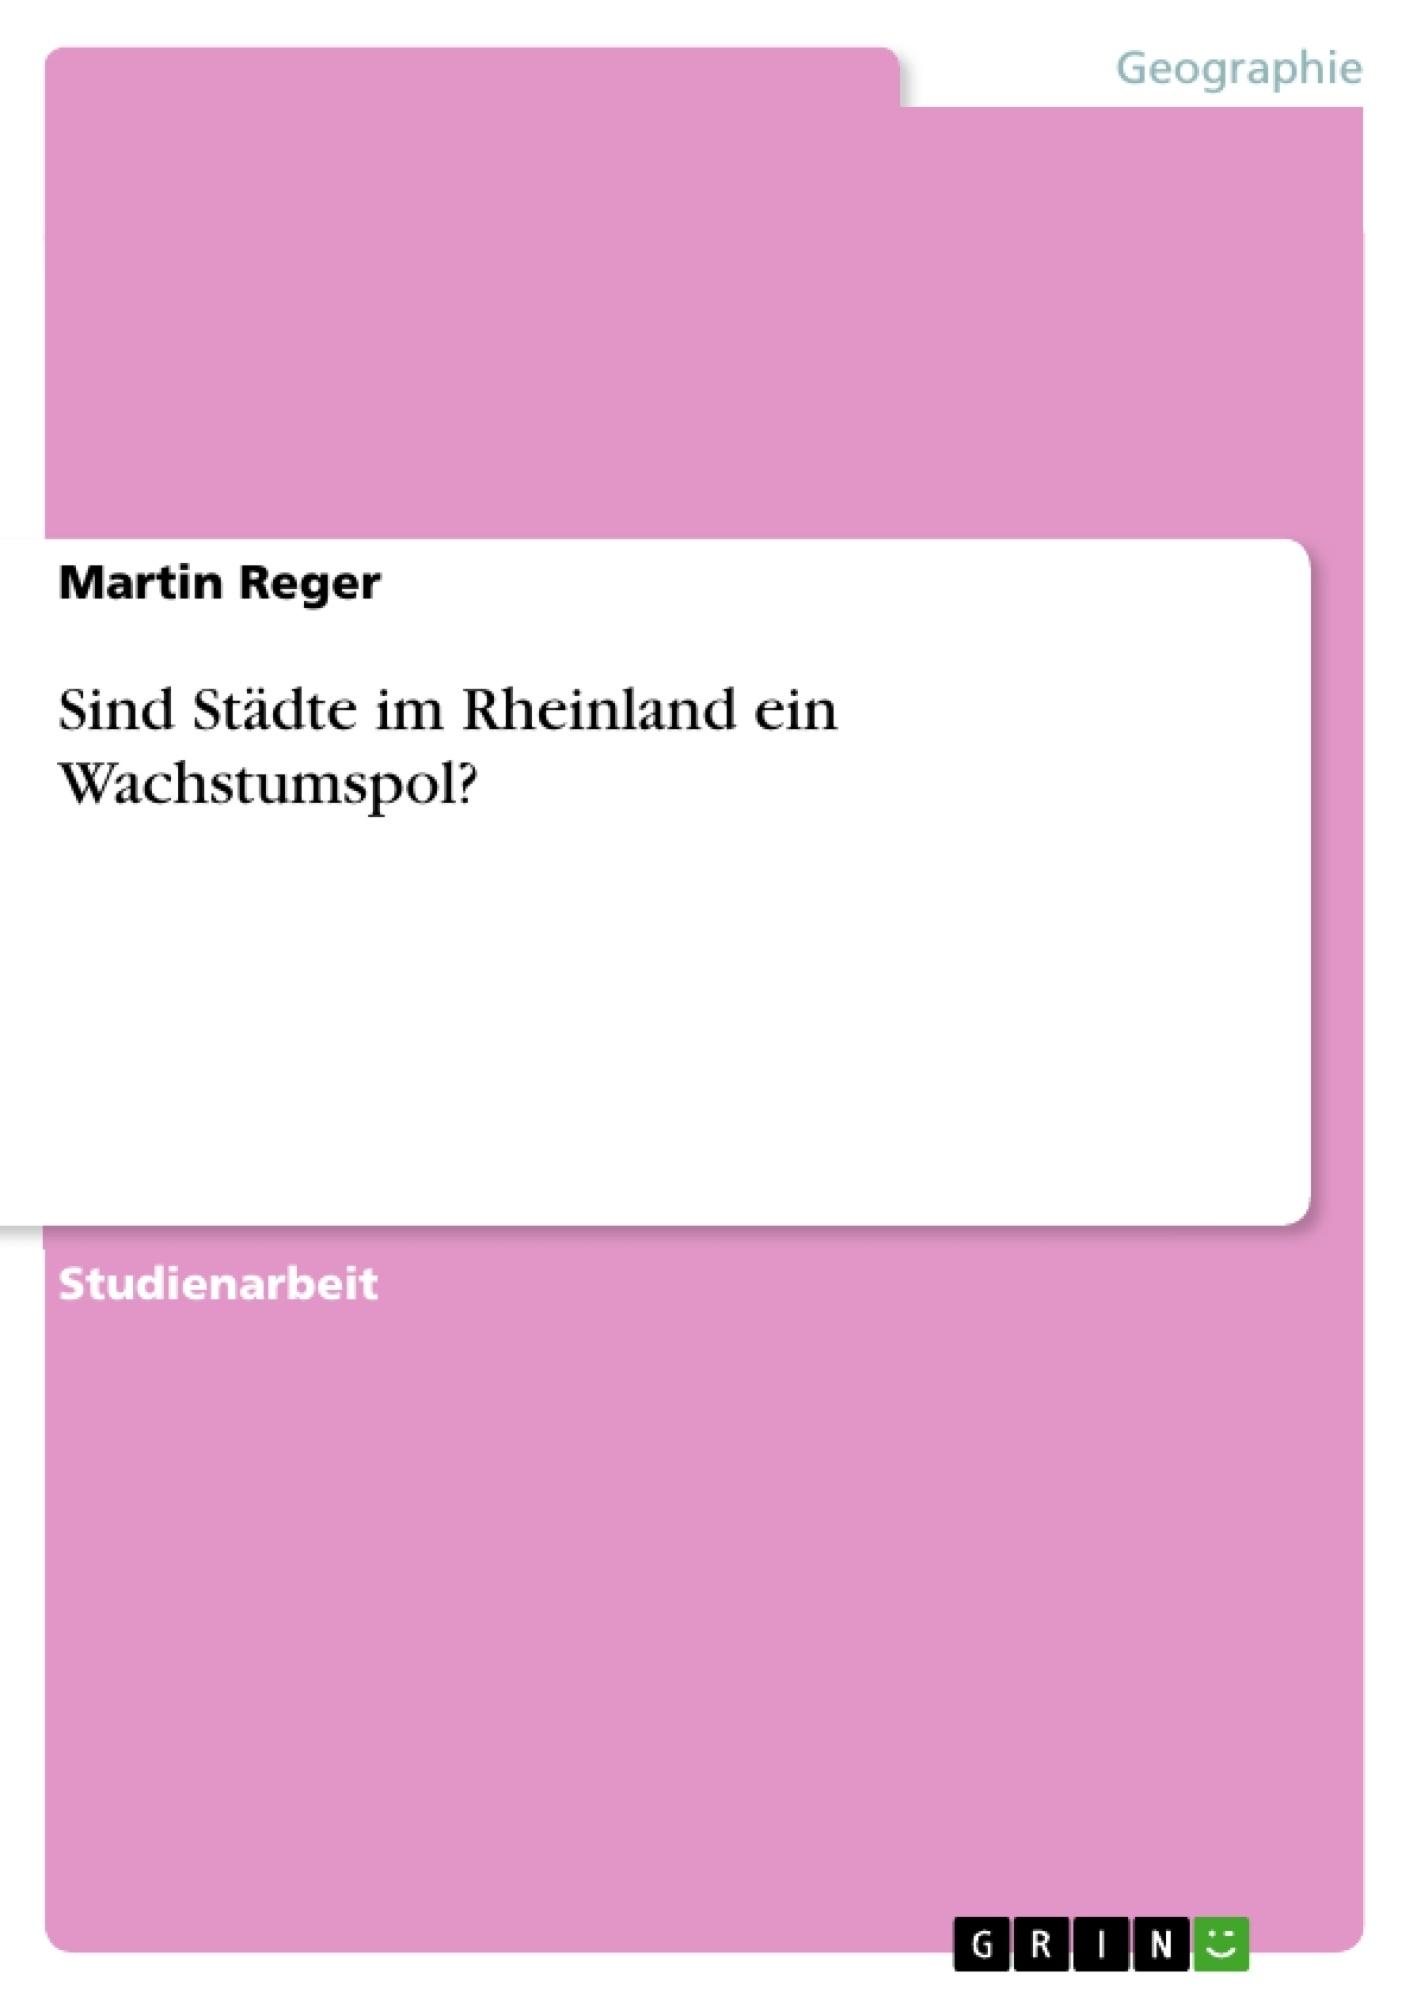 Titel: Sind Städte im Rheinland ein Wachstumspol?